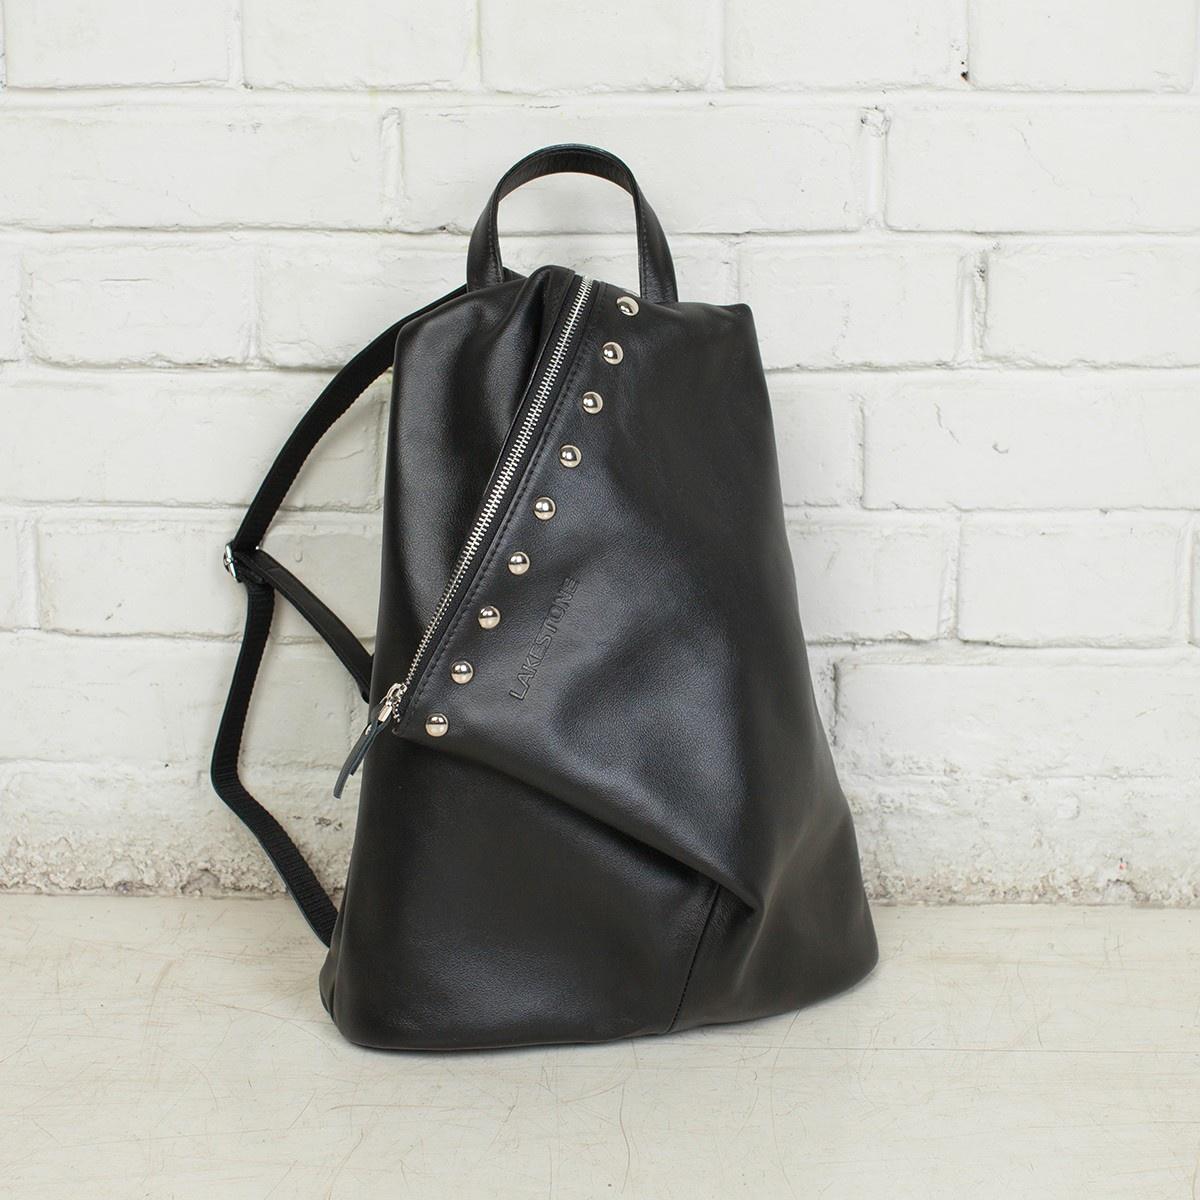 декоративных хвойников самые креативные модели рюкзаков фото можно